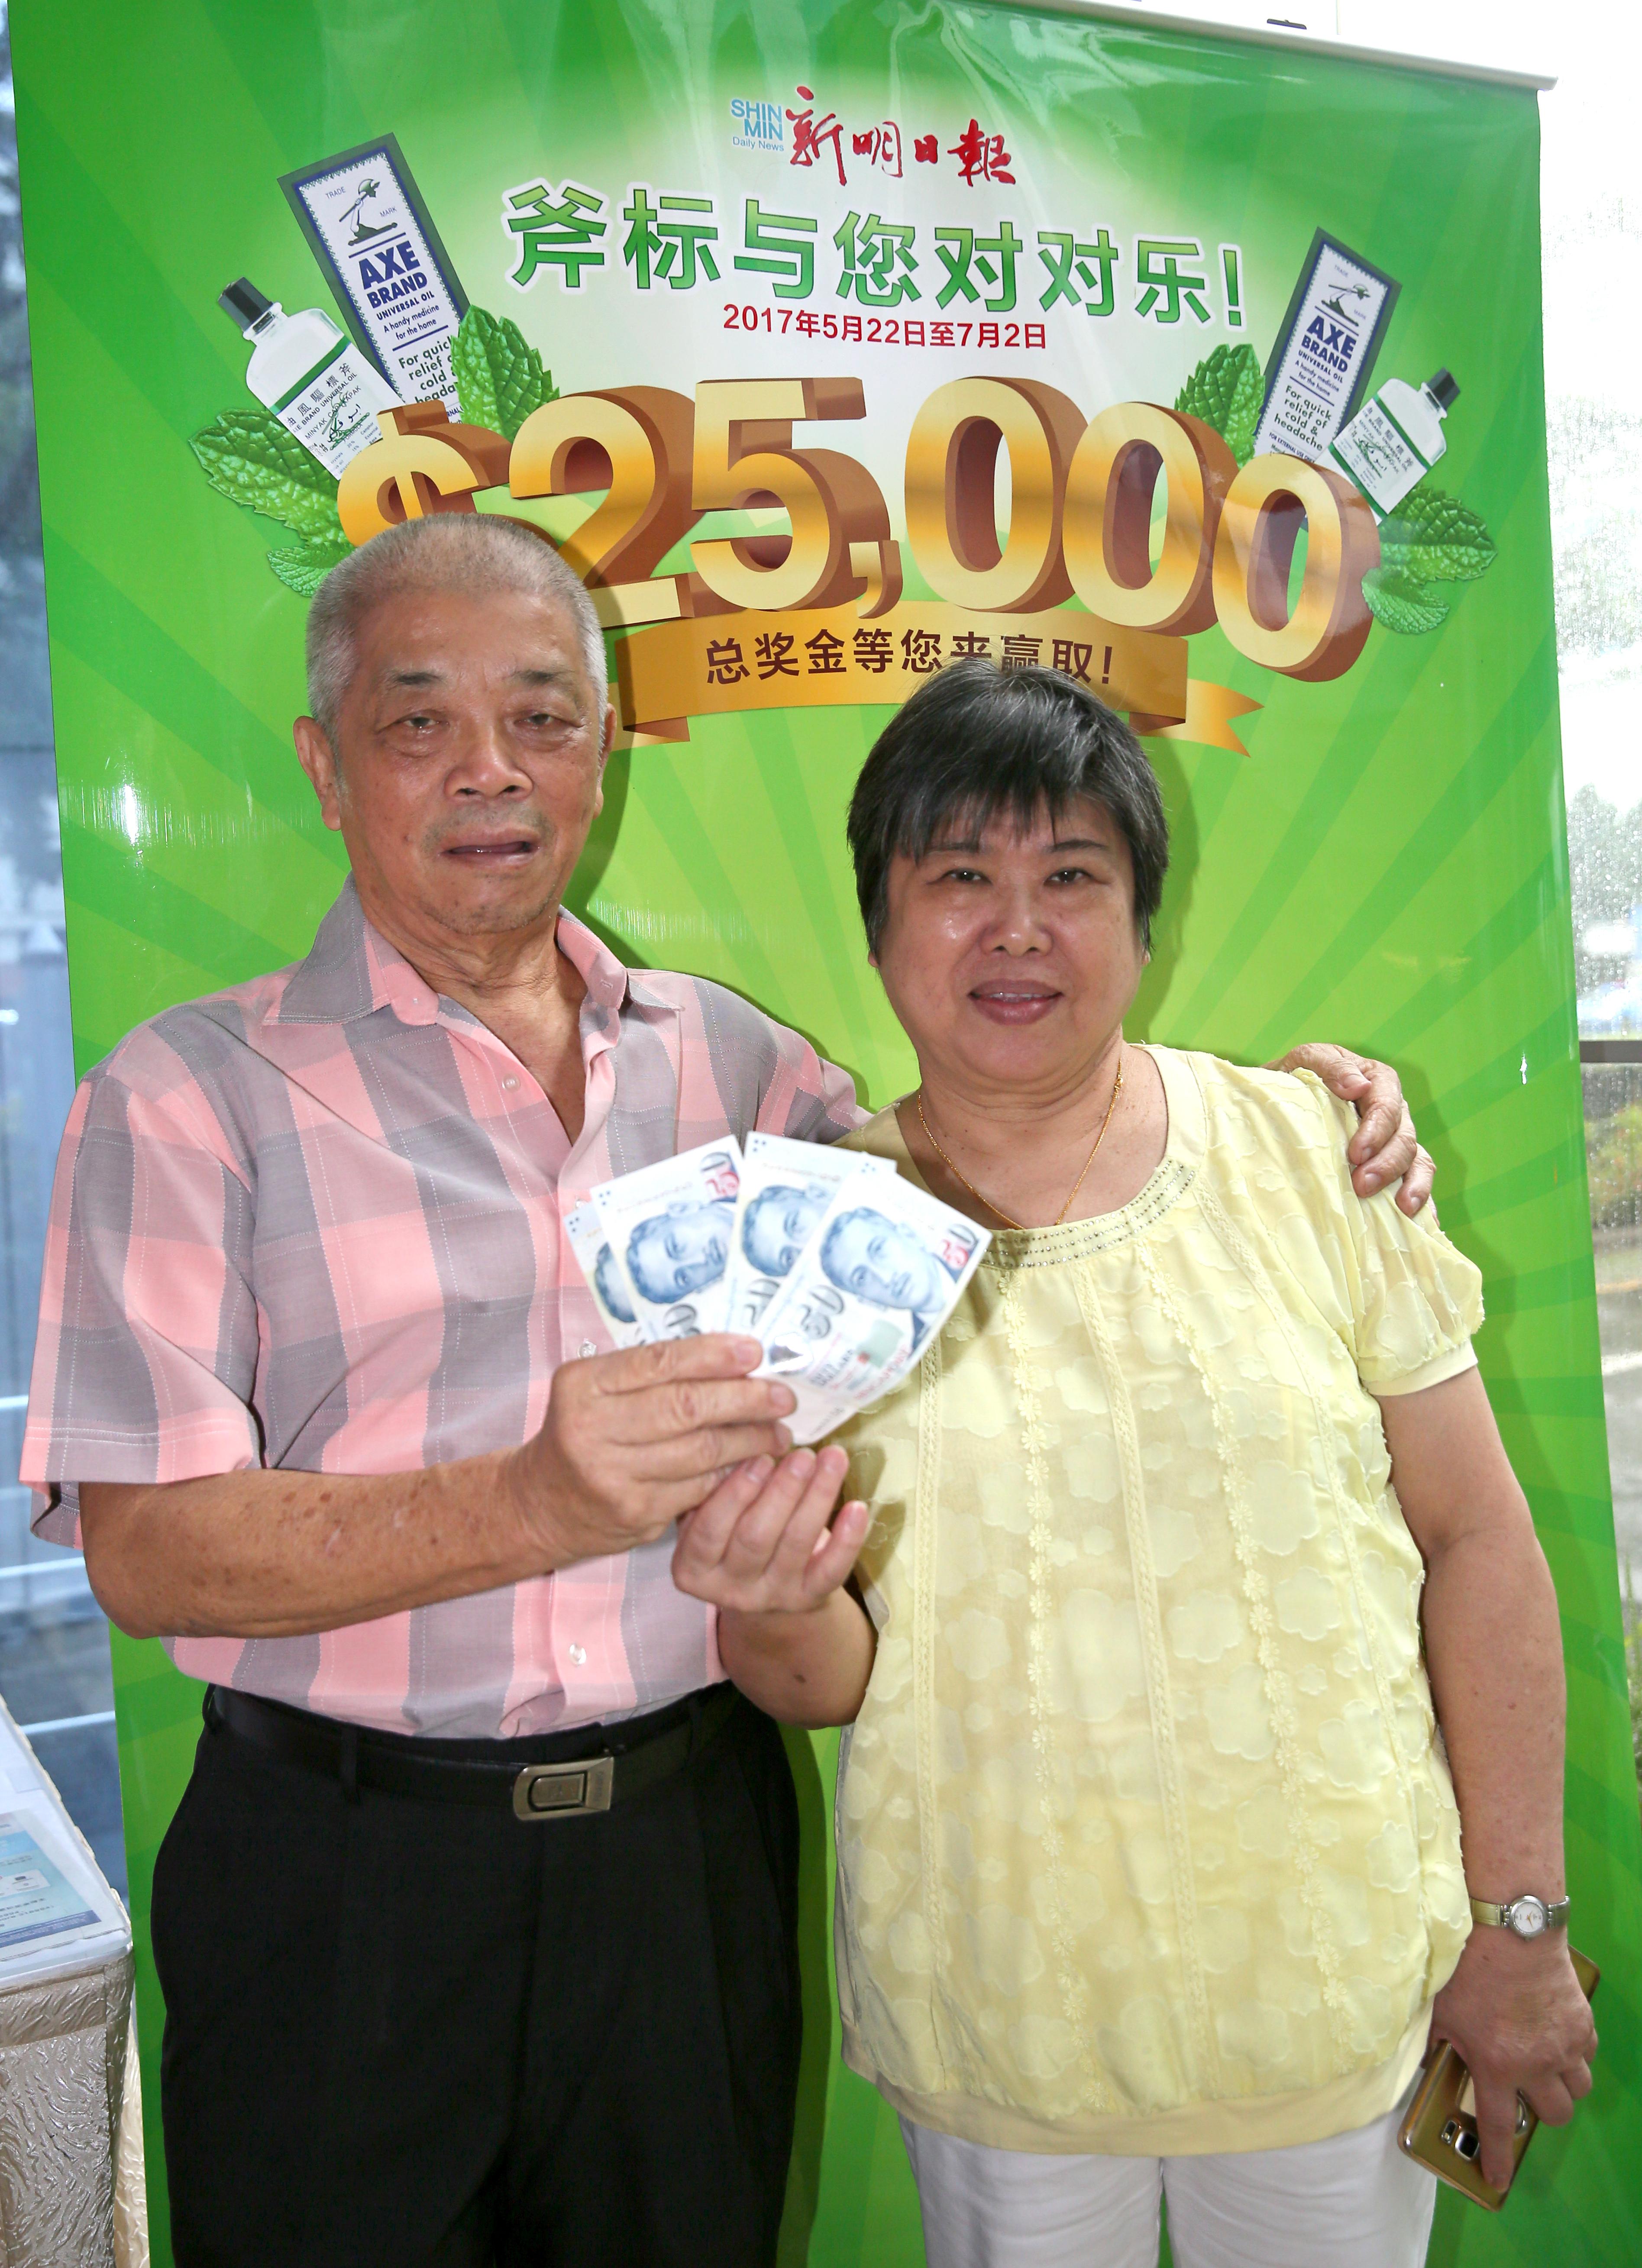 苏先生和苏太太各赢得100元奖金。